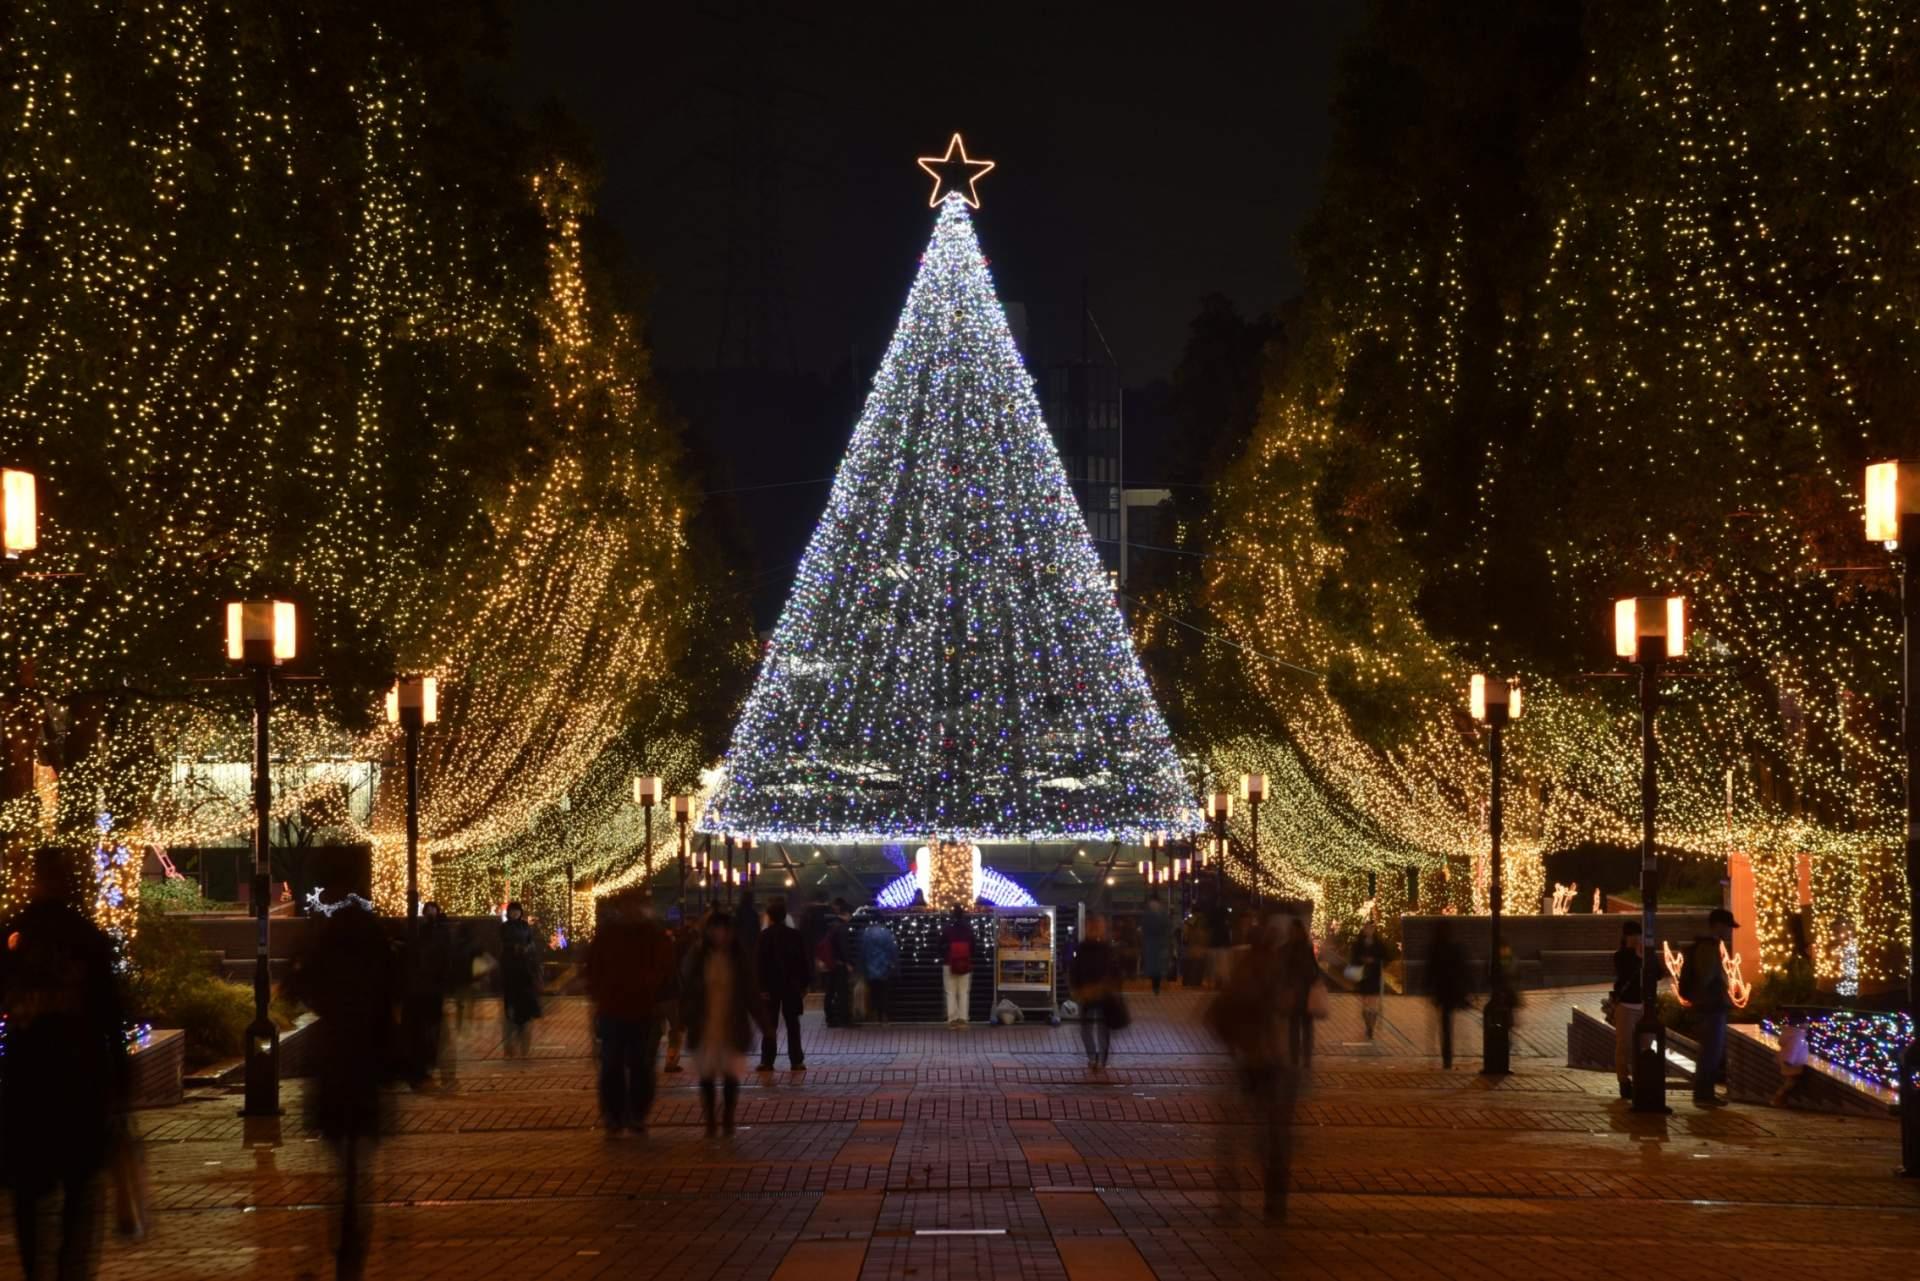 放在中心的树木是一棵真正的日本冷杉